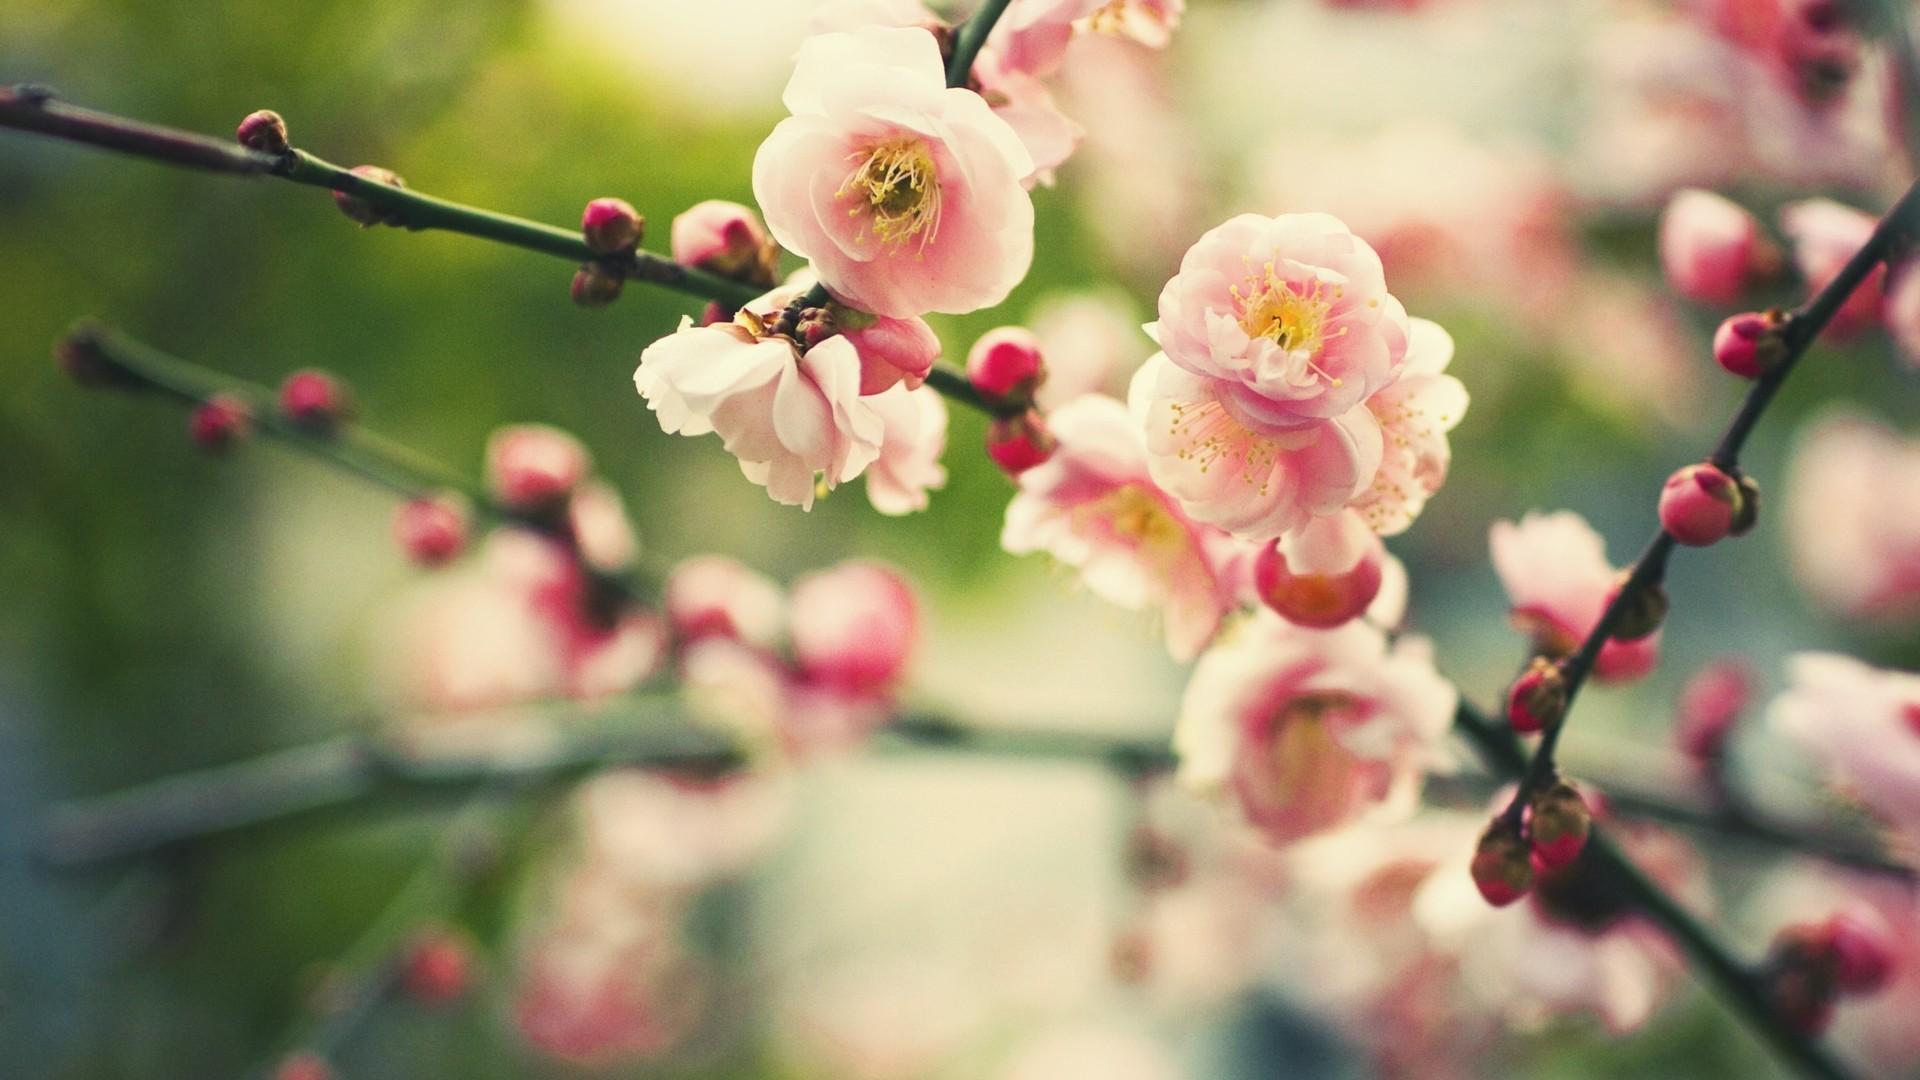 Rüyada Bahar çiçeklerı görmek